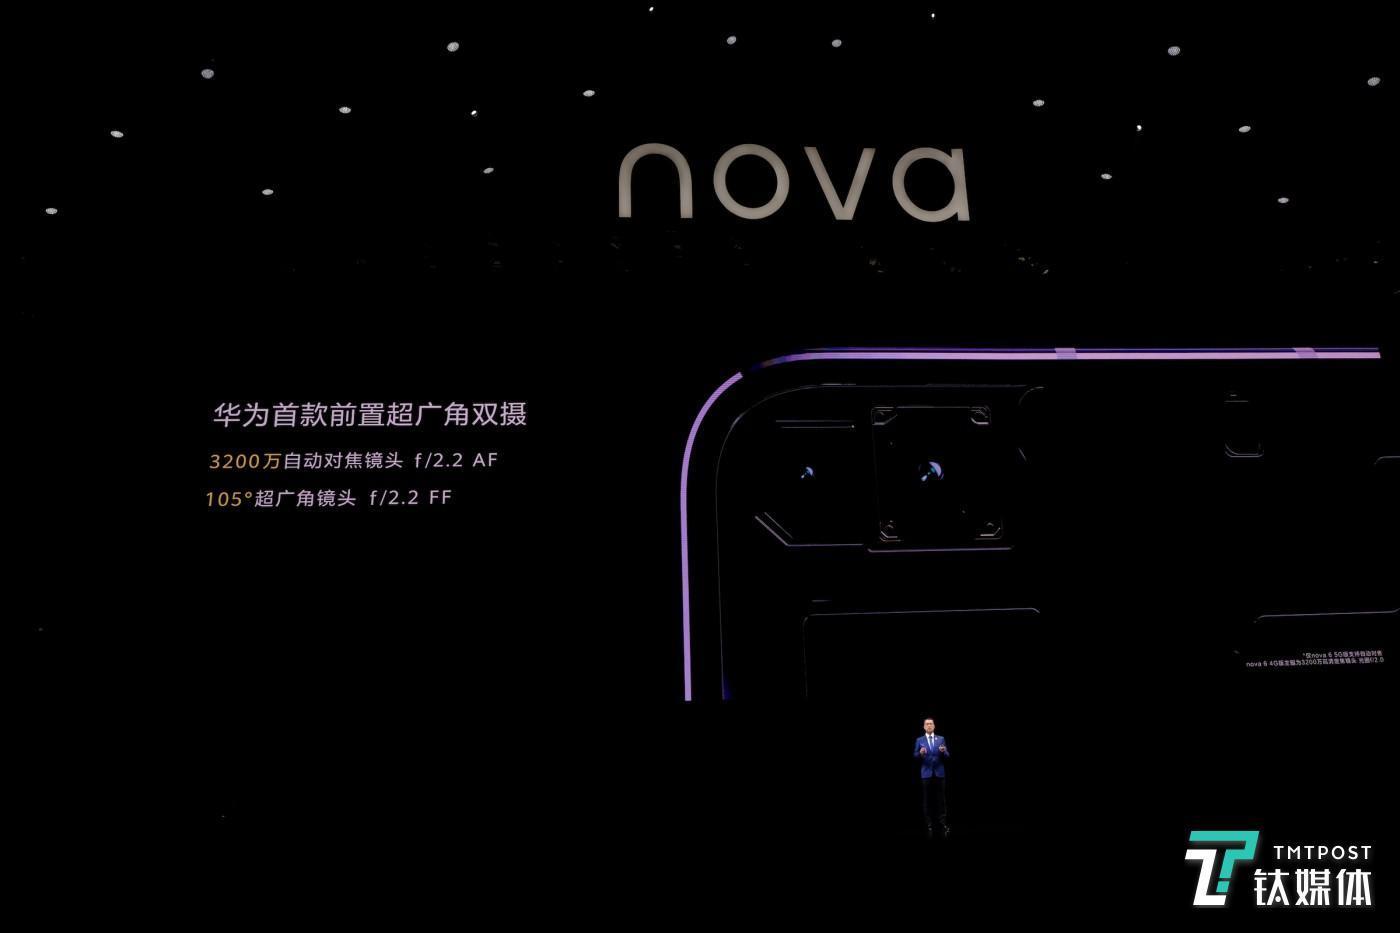 """华为nova 6 5G正式发售,定位年轻人的首款""""5G自拍旗舰""""丨钛快讯"""